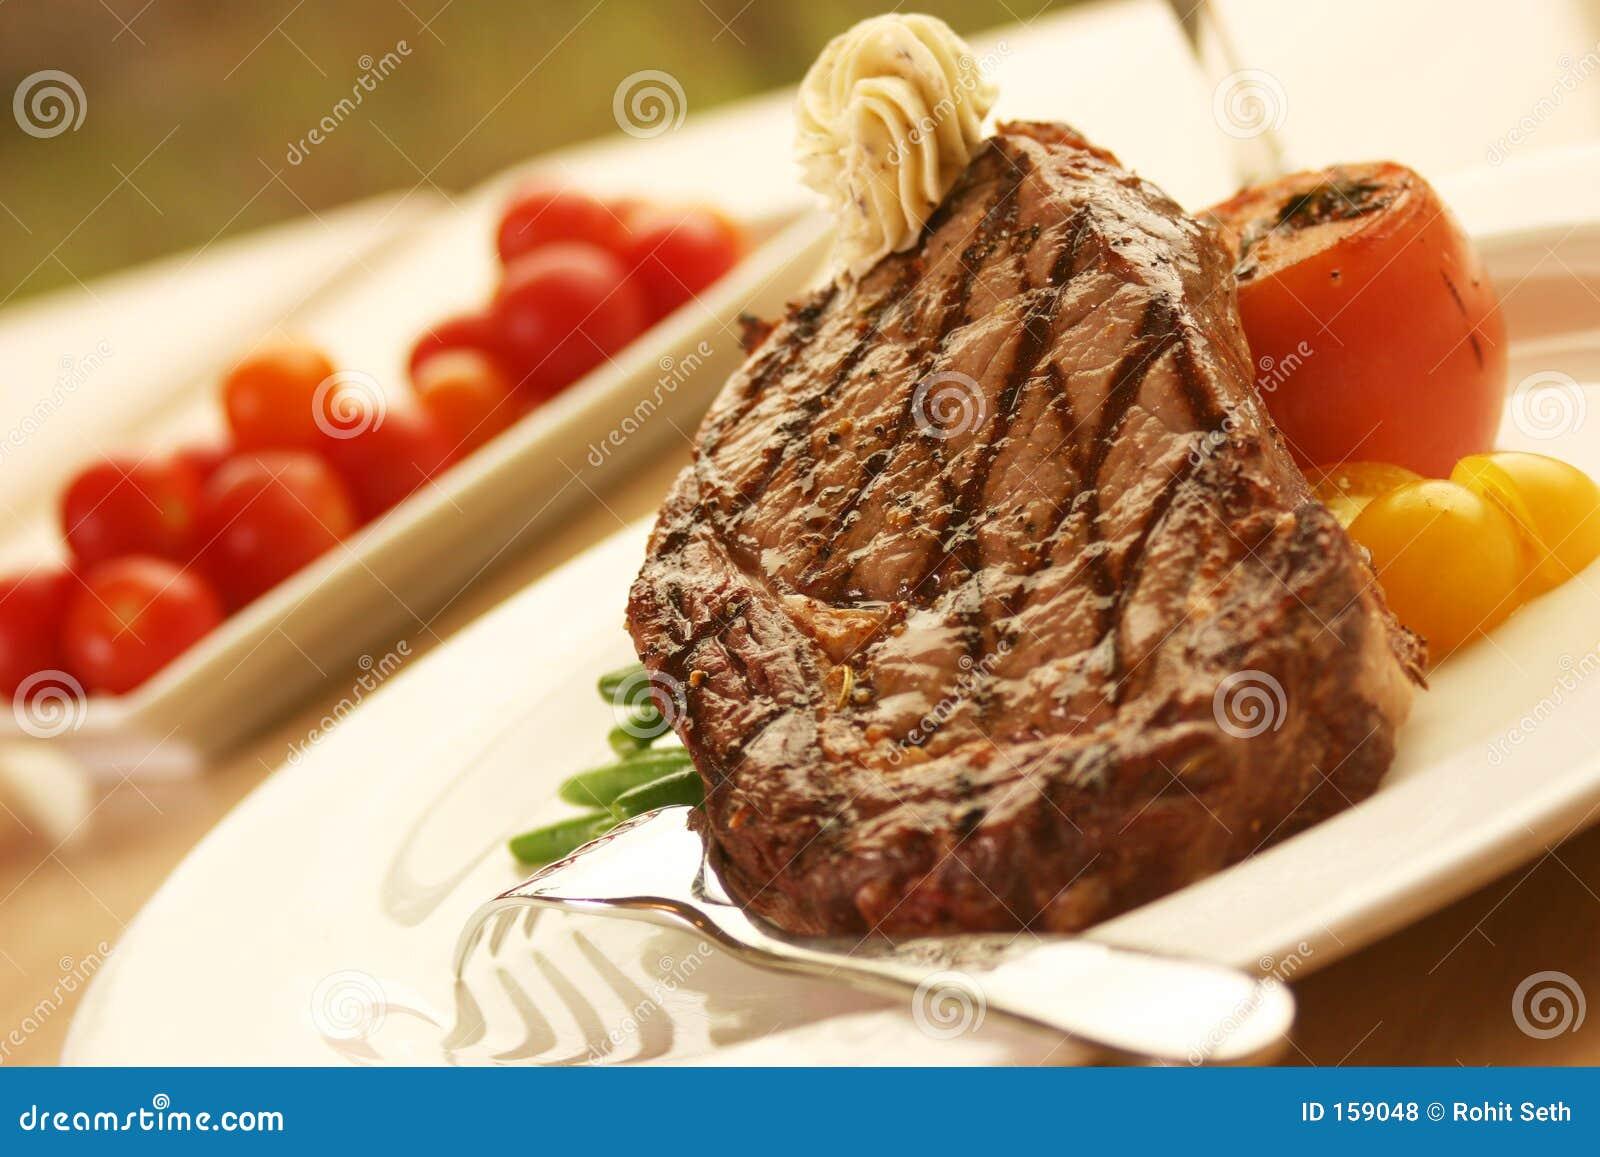 Rib Eye Steak served with wine